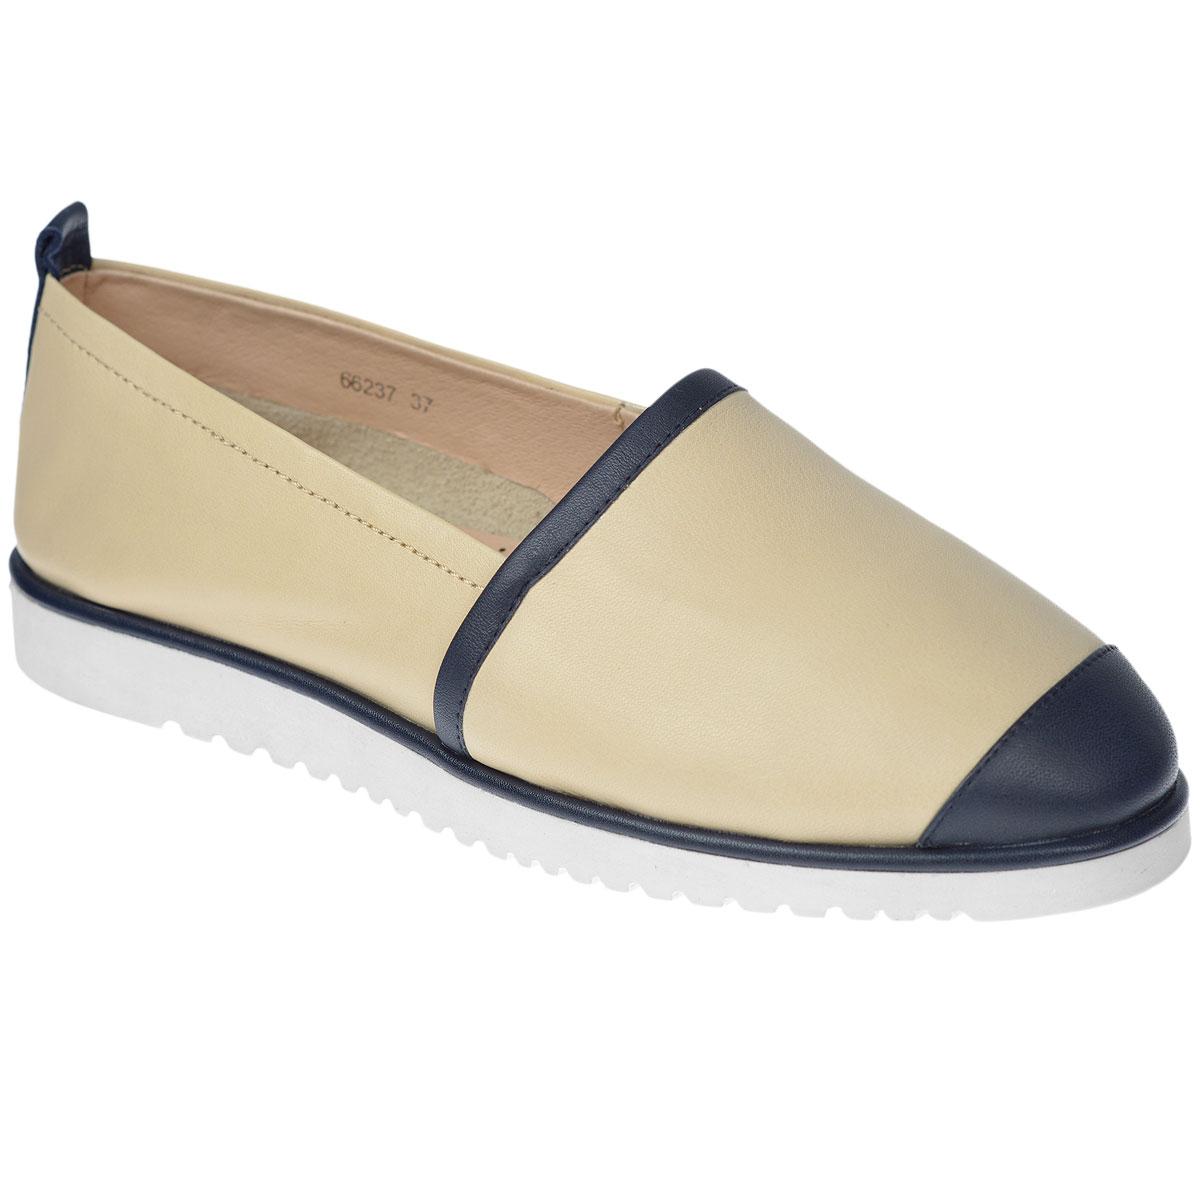 Слипоны женские. 6623766237Модные женские слипоны Vitacci покорят вас своим удобством. Модель изготовлена из натуральной кожи и декорирована вставками из кожи другого цвета на мысе, на подъеме и на заднике, задним ремнем. Боковая сторона дополнена резинкой, которая обеспечивает идеальную посадку модели на ноге. Стелька из натуральной кожи с перфорацией позволяет ногам дышать. Толстая прорезиненная подошва с противоскользящим рифлением обеспечивает отличное сцепление с любой поверхностью. В таких слипонах вашим ногам будет комфортно и уютно!